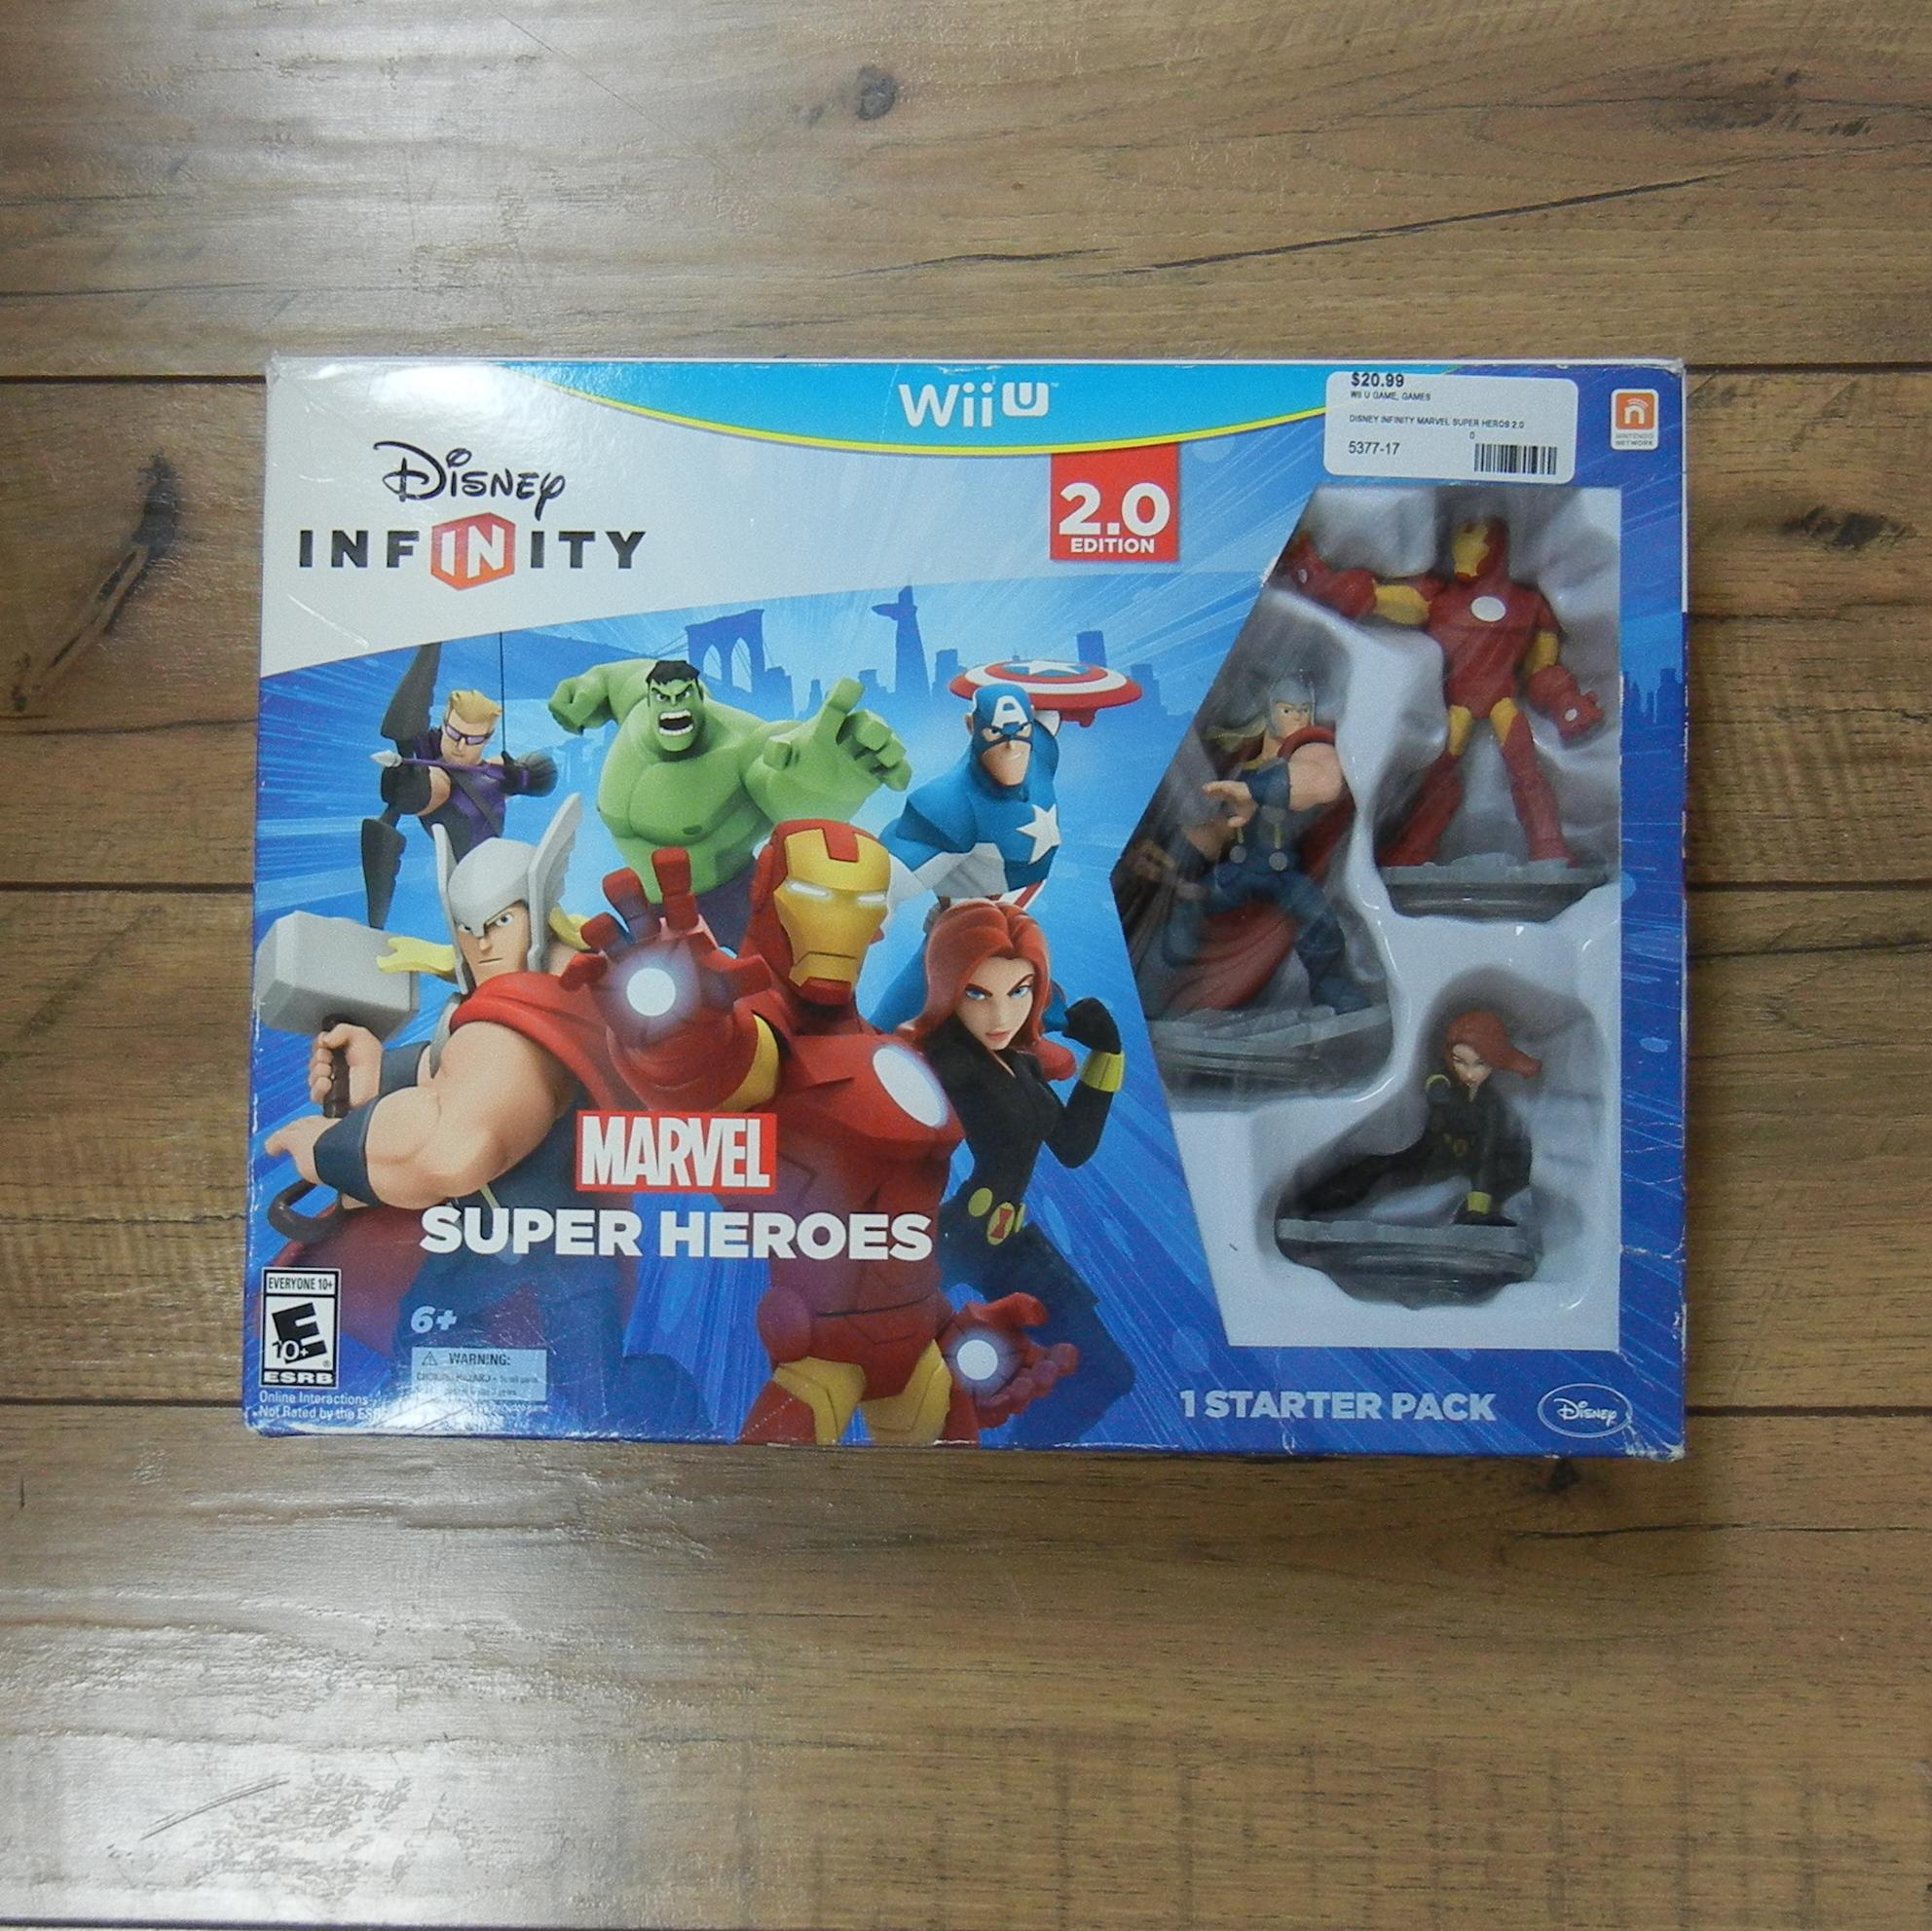 DISNEY INFINITY MARVEL SUPER HEROES 2.0 WII U GAME